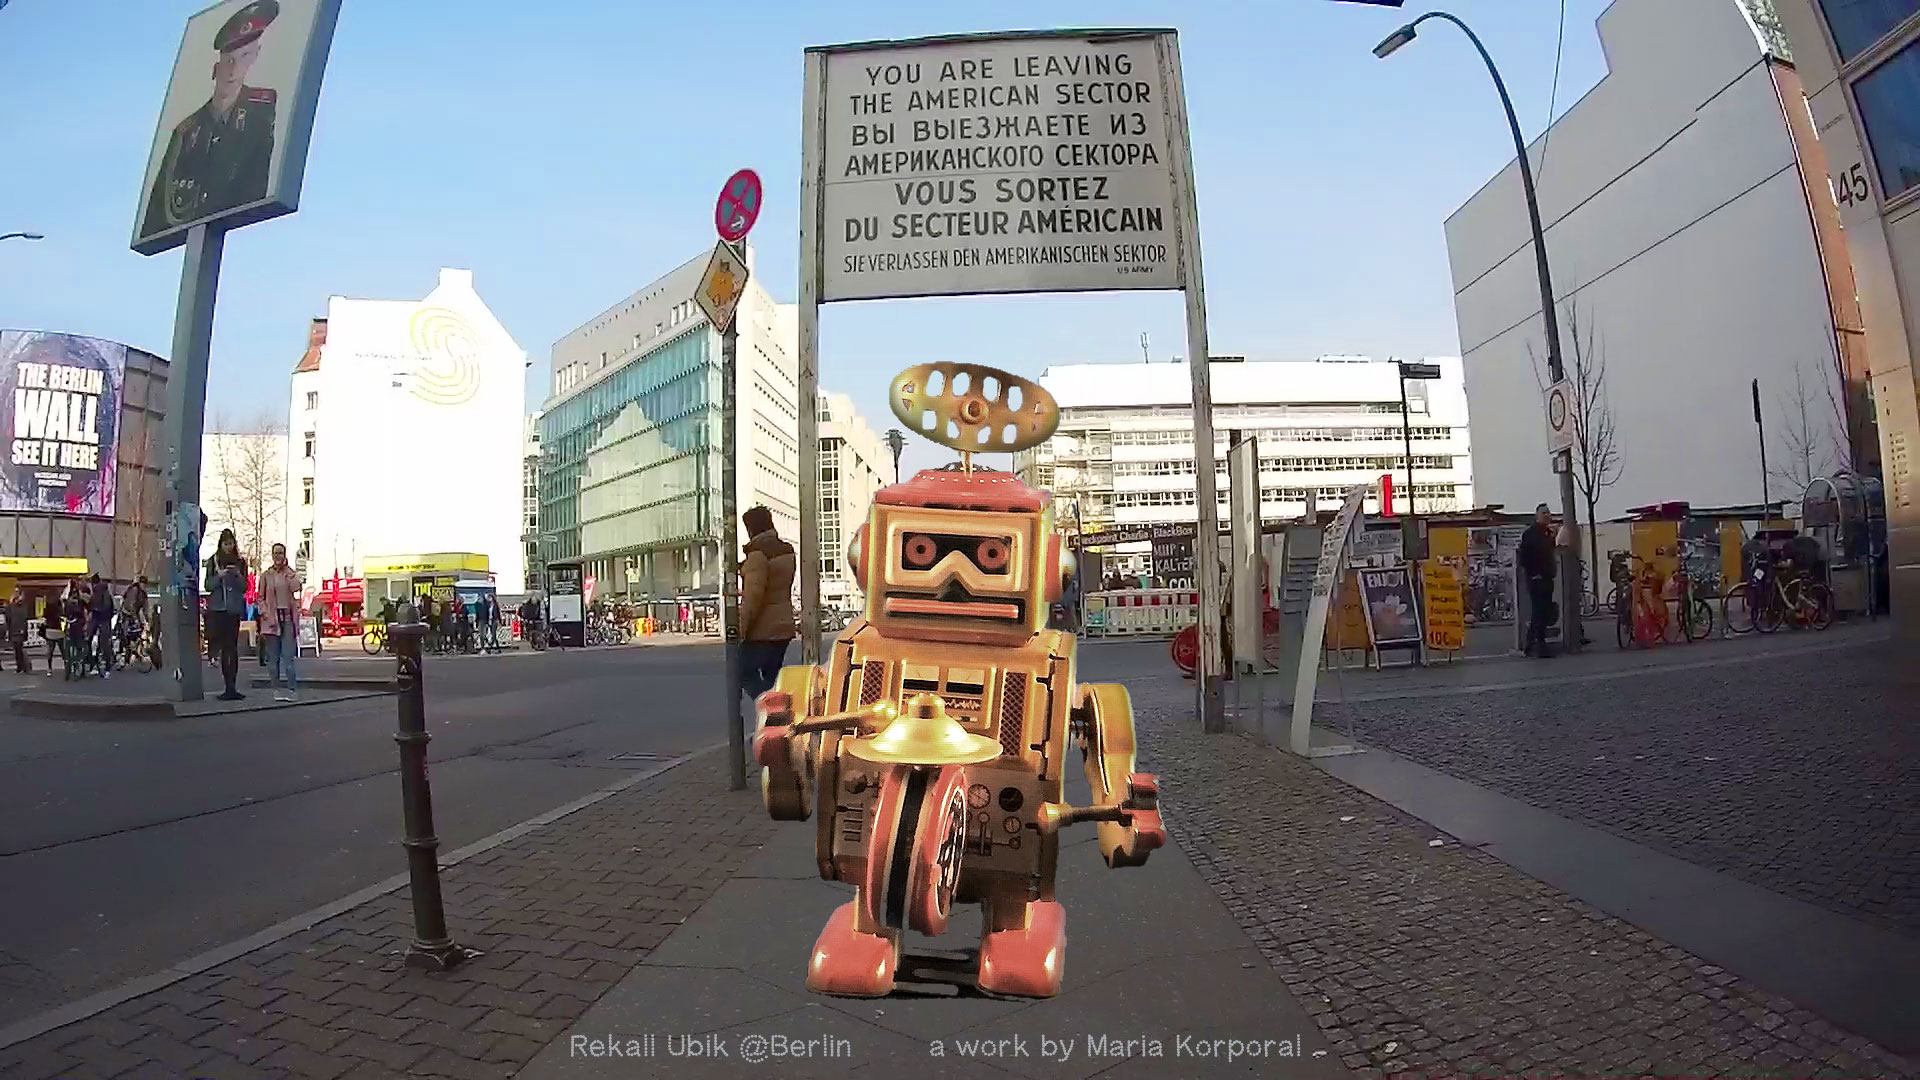 Rekall Ubik @Berlin